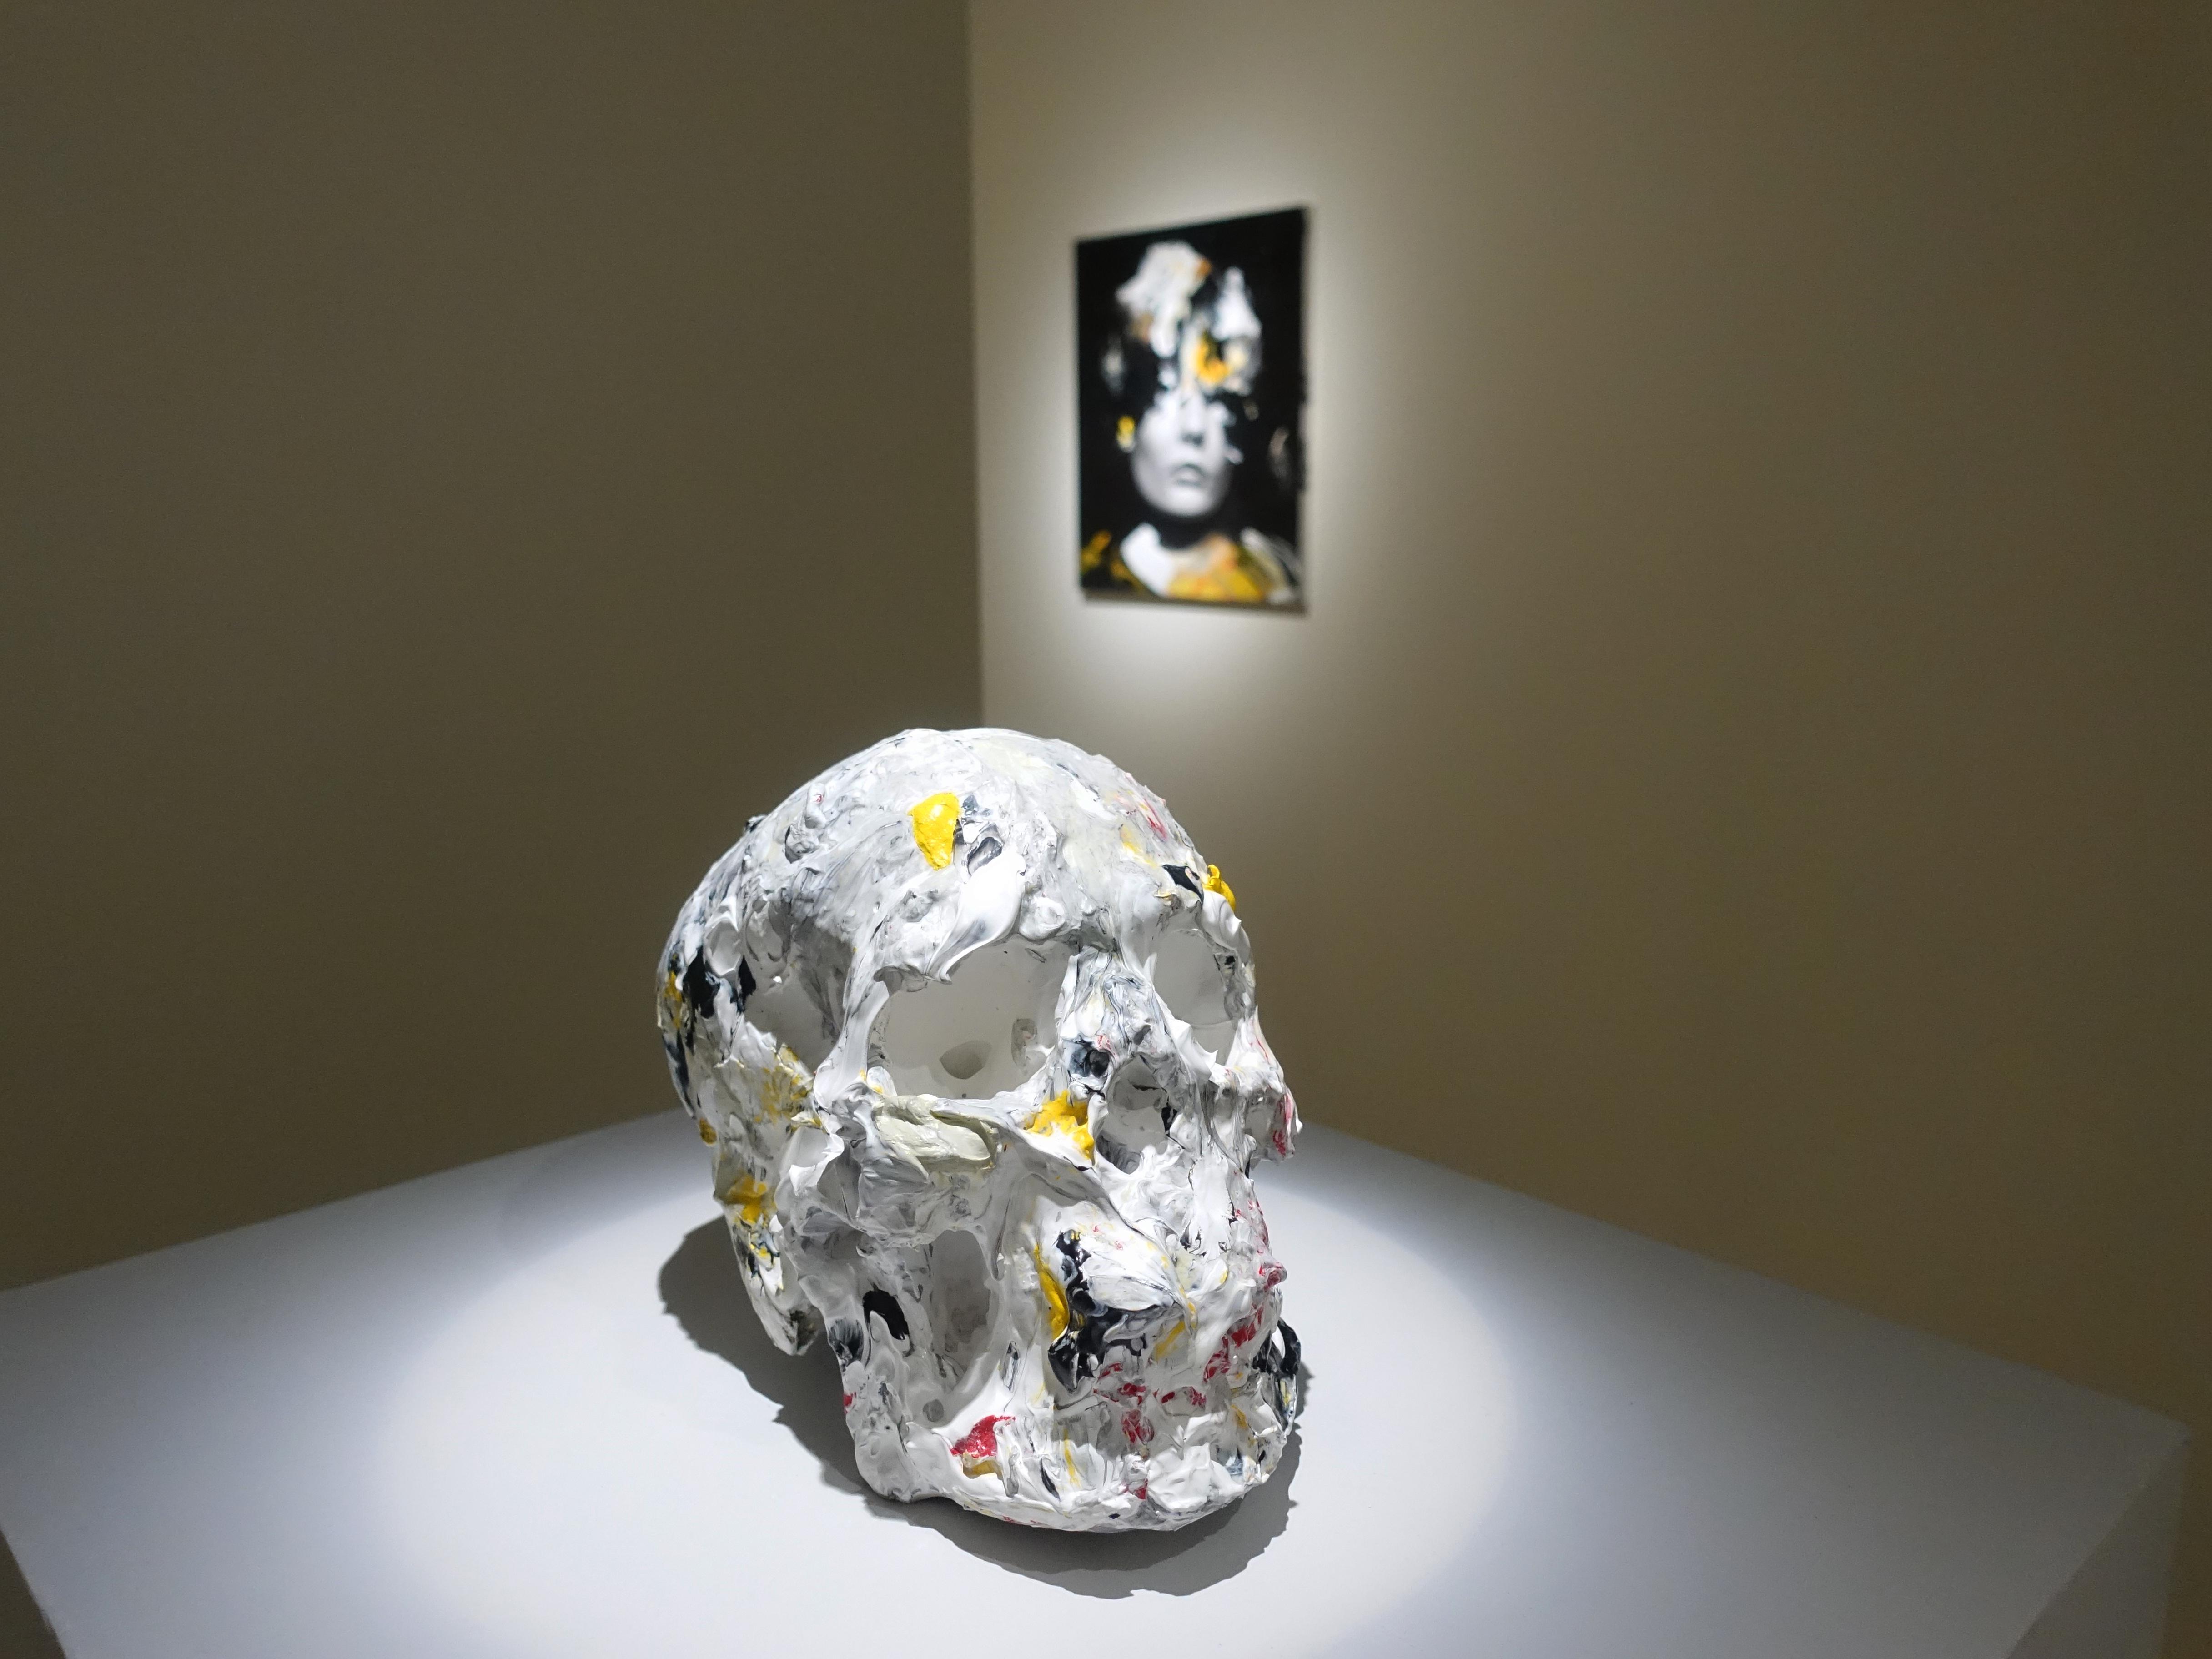 佐藤誠高,《Brilliant Skull 》,23 x 12 x 16 cm,壓克力、石膏,2019。